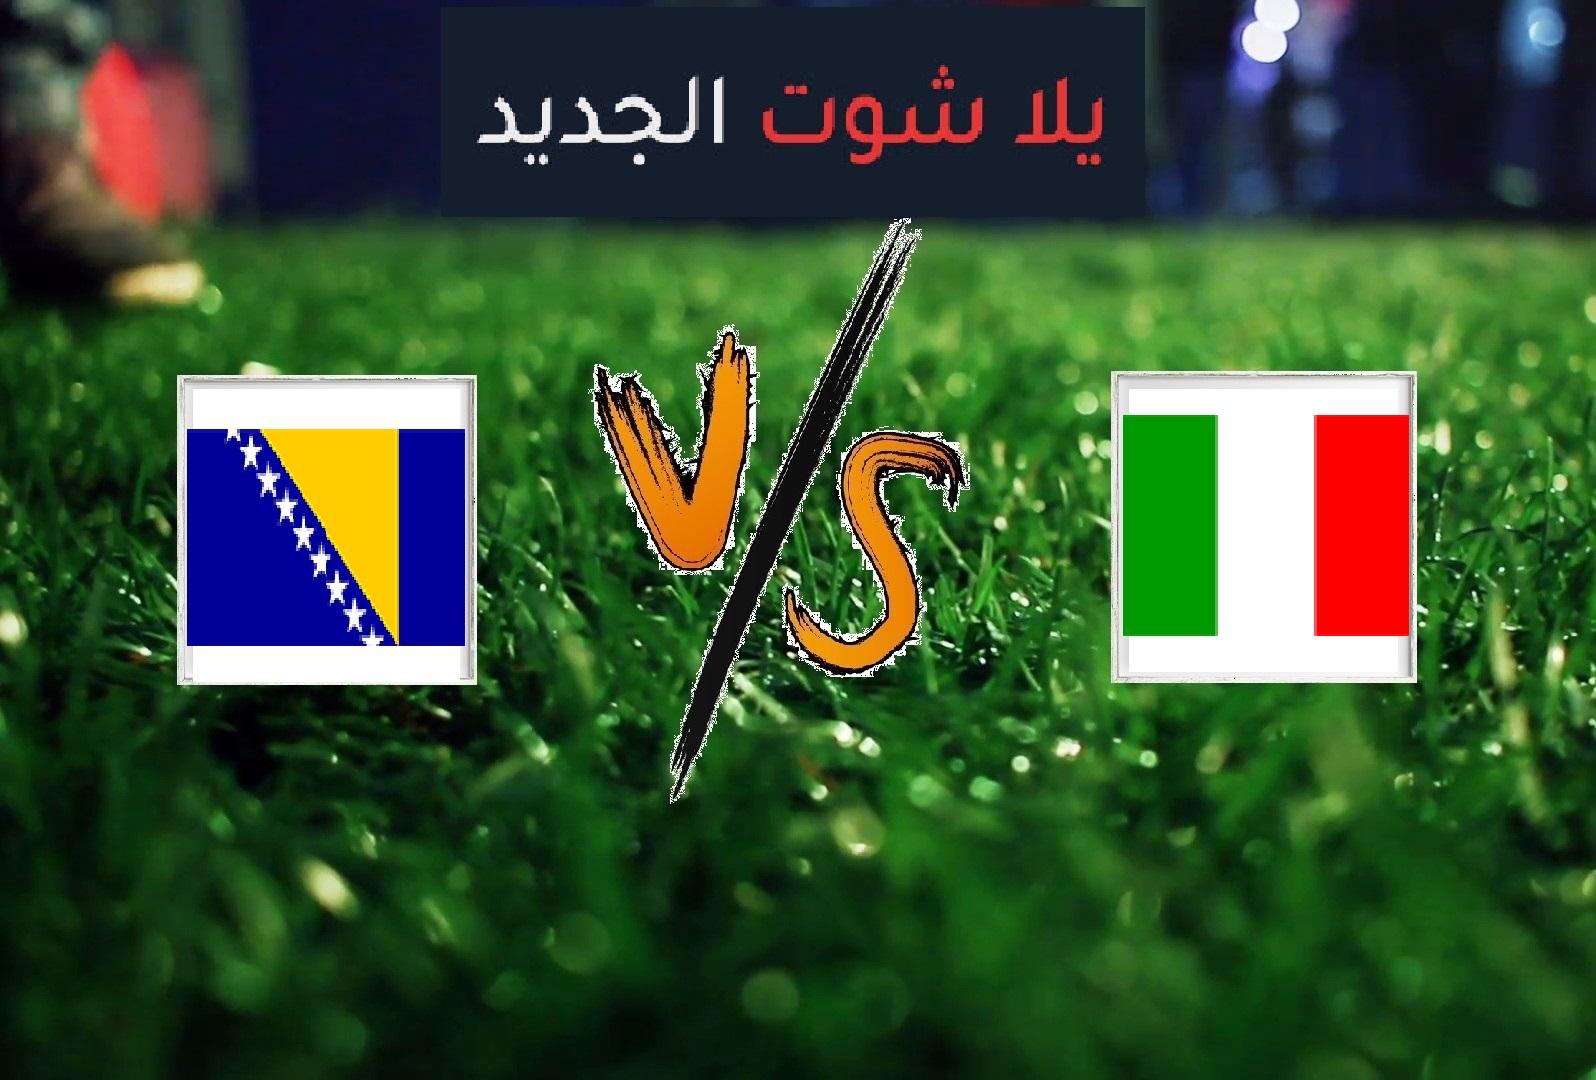 ملخص مباراة ايطاليا والبوسنة والهرسك اليوم الثلاثاء بتاريخ 11-06-2019 التصفيات المؤهلة ليورو 2020